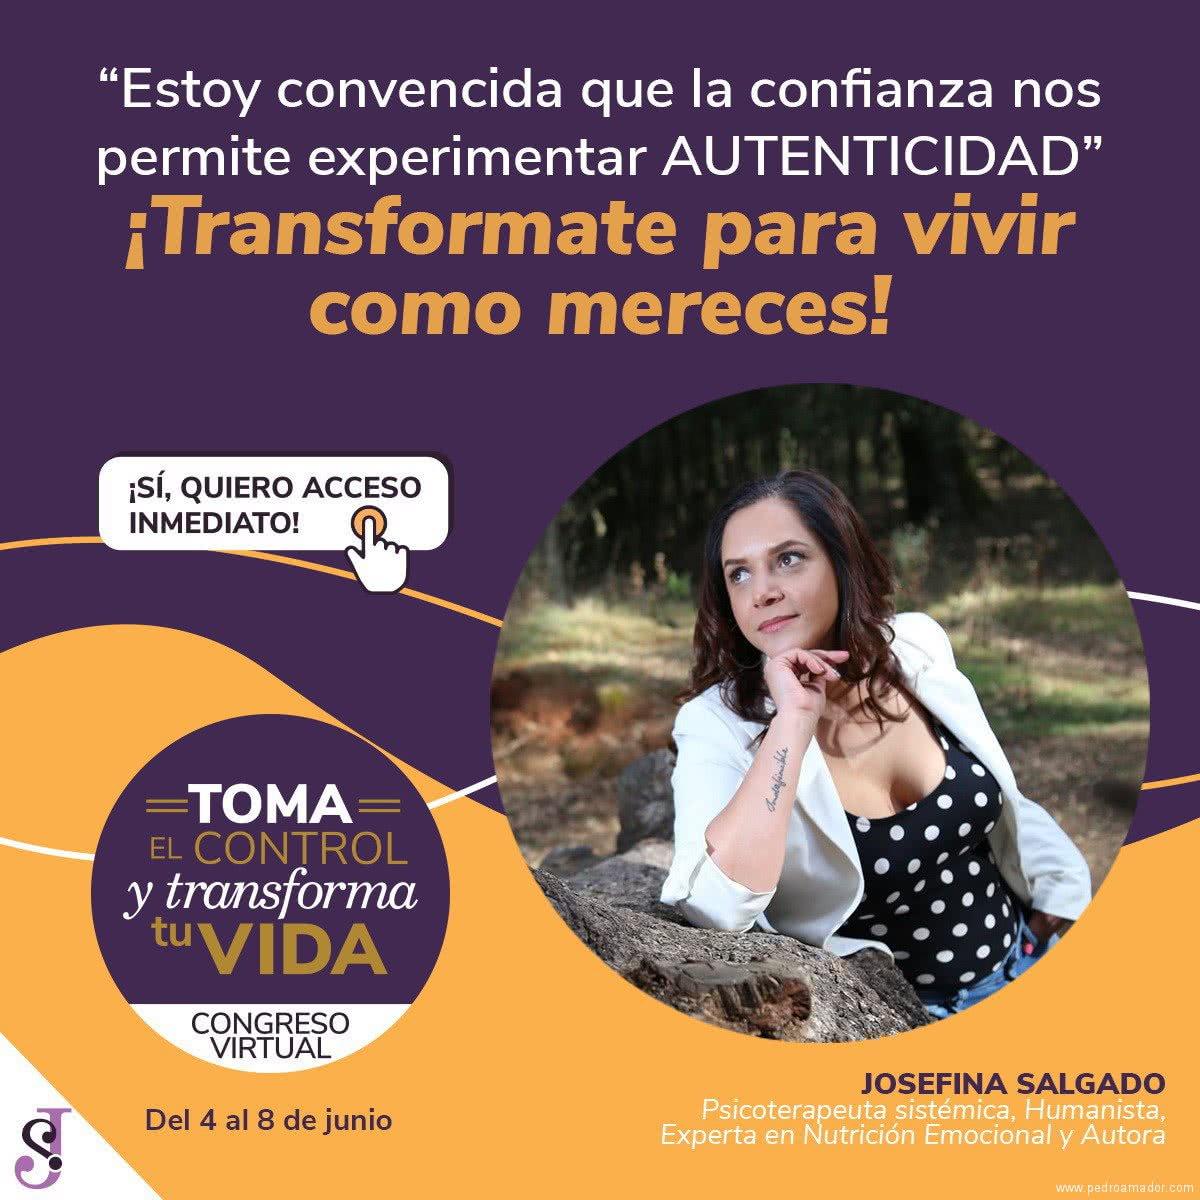 Transforma tu vida - Josefina Salgado